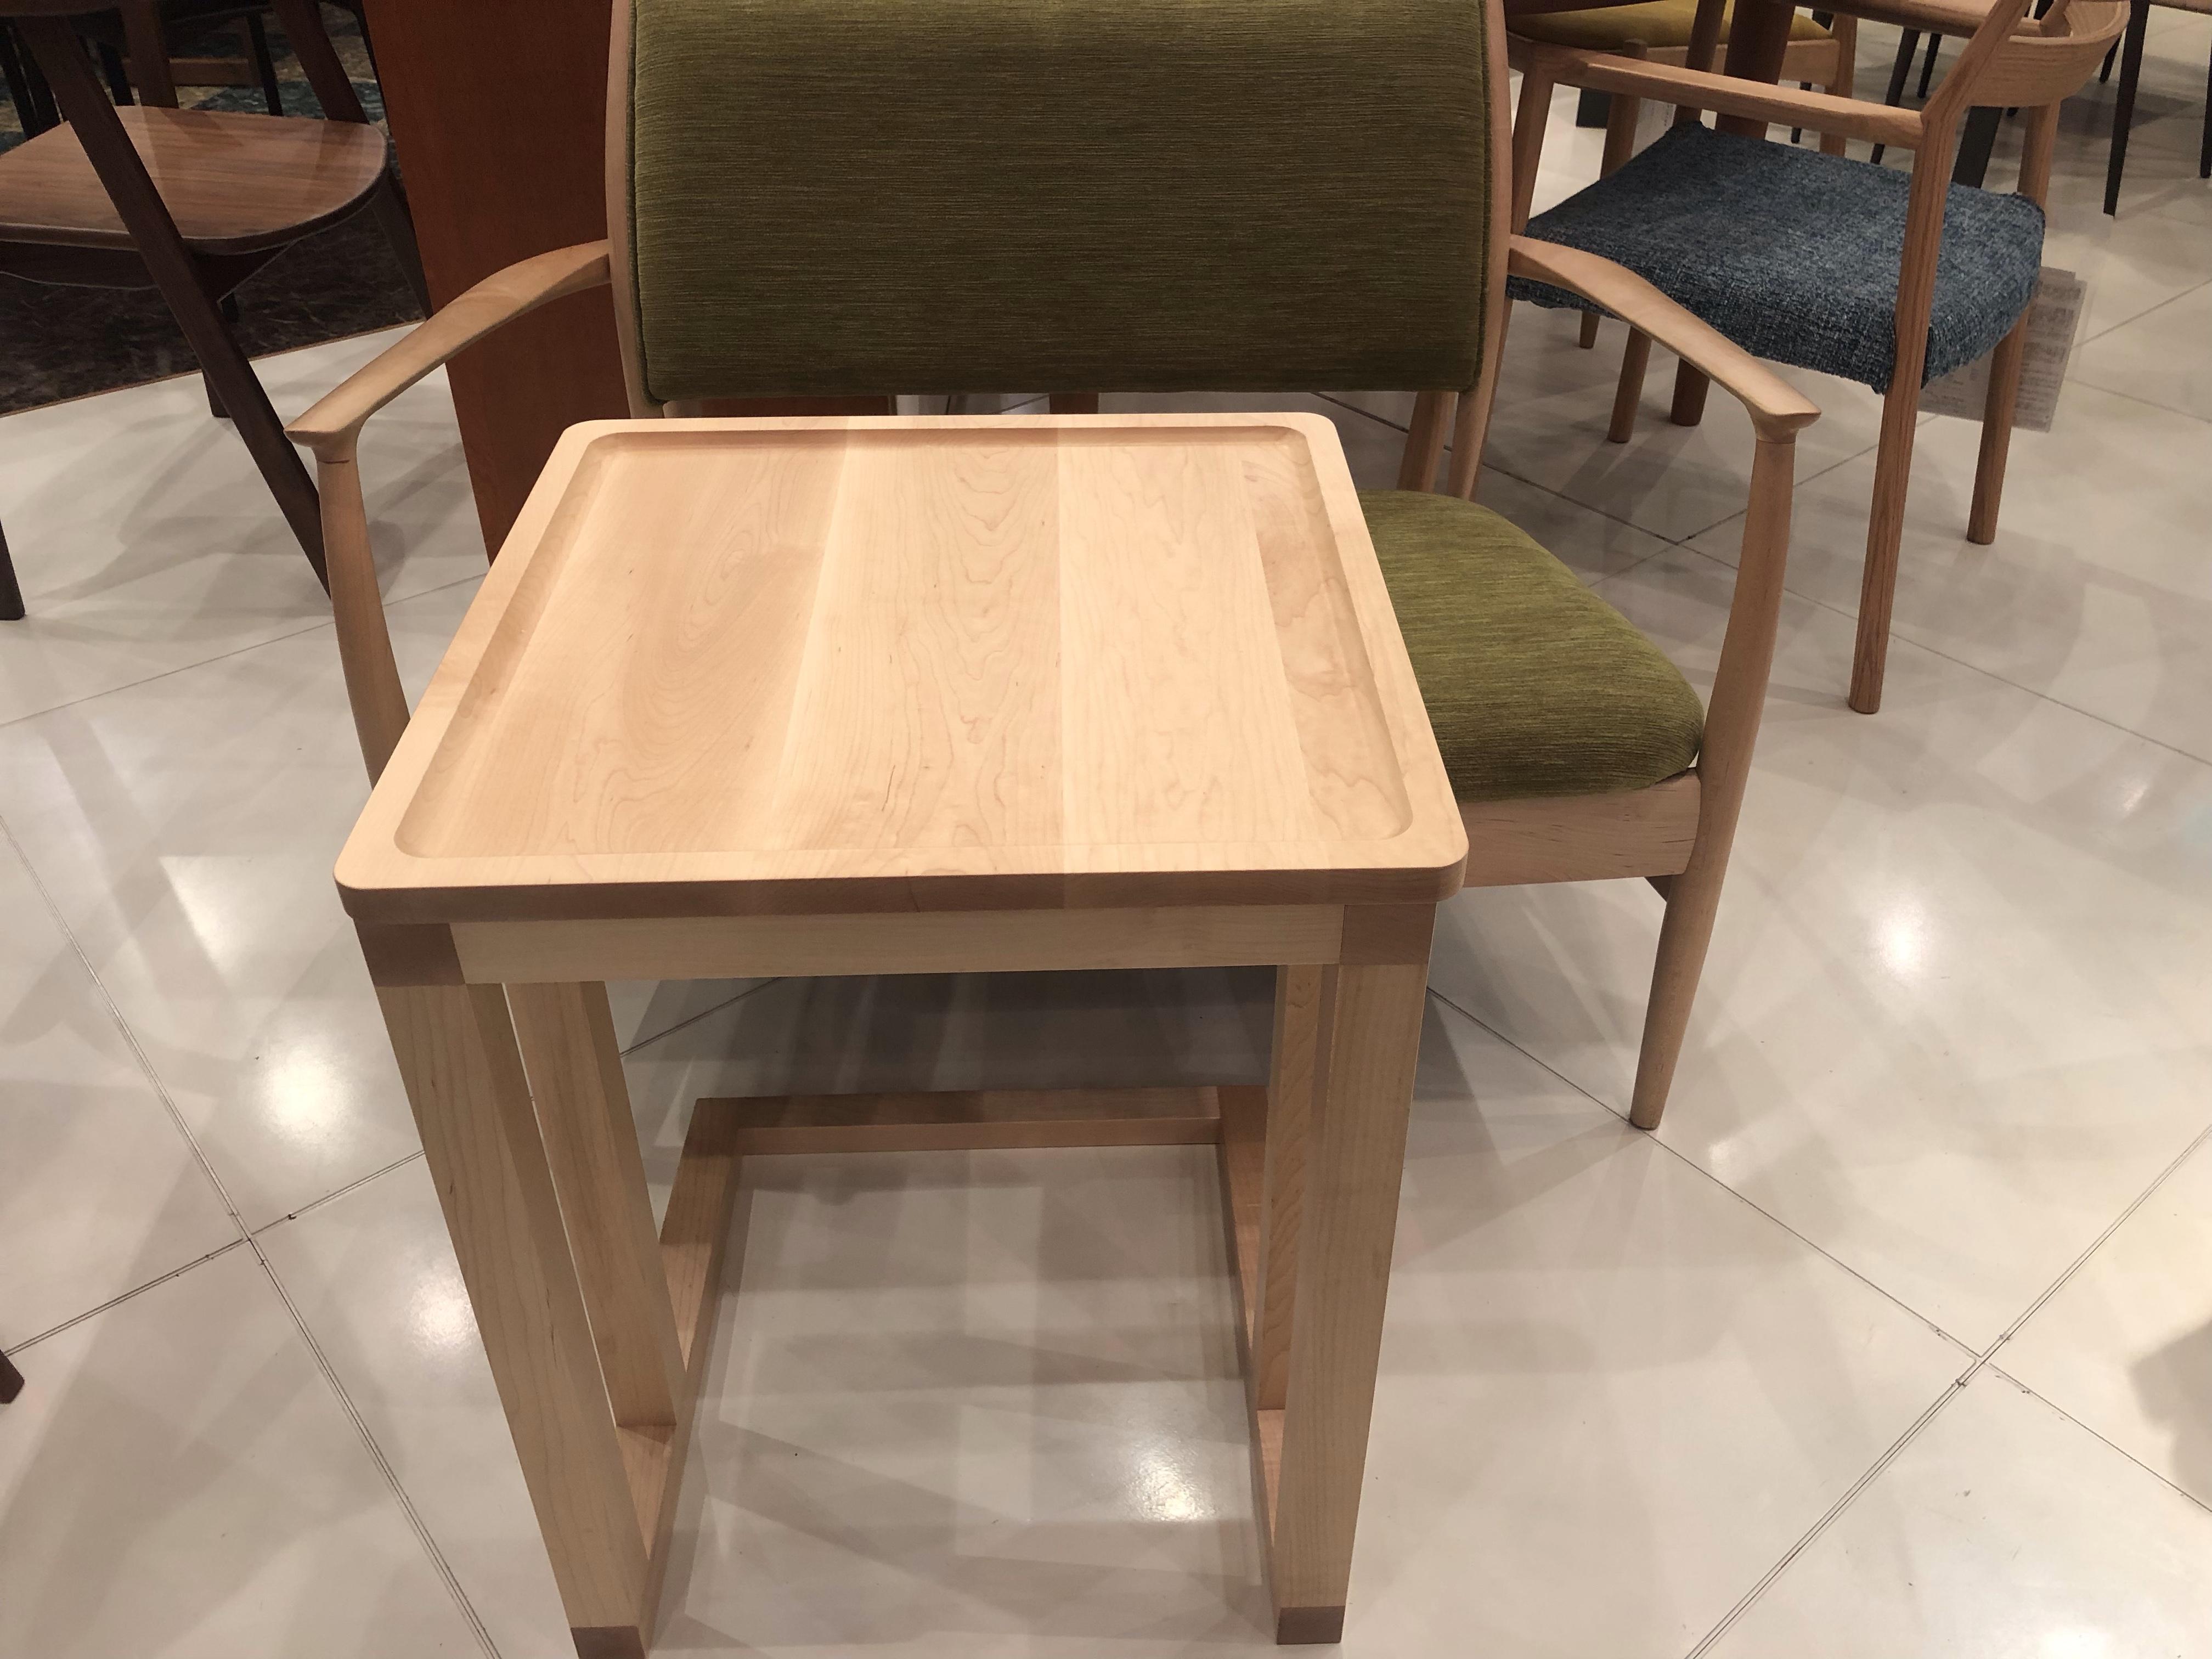 【一人暮らしにお勧めサイドテーブル】イマダ・サイドテーブル・コンチェット